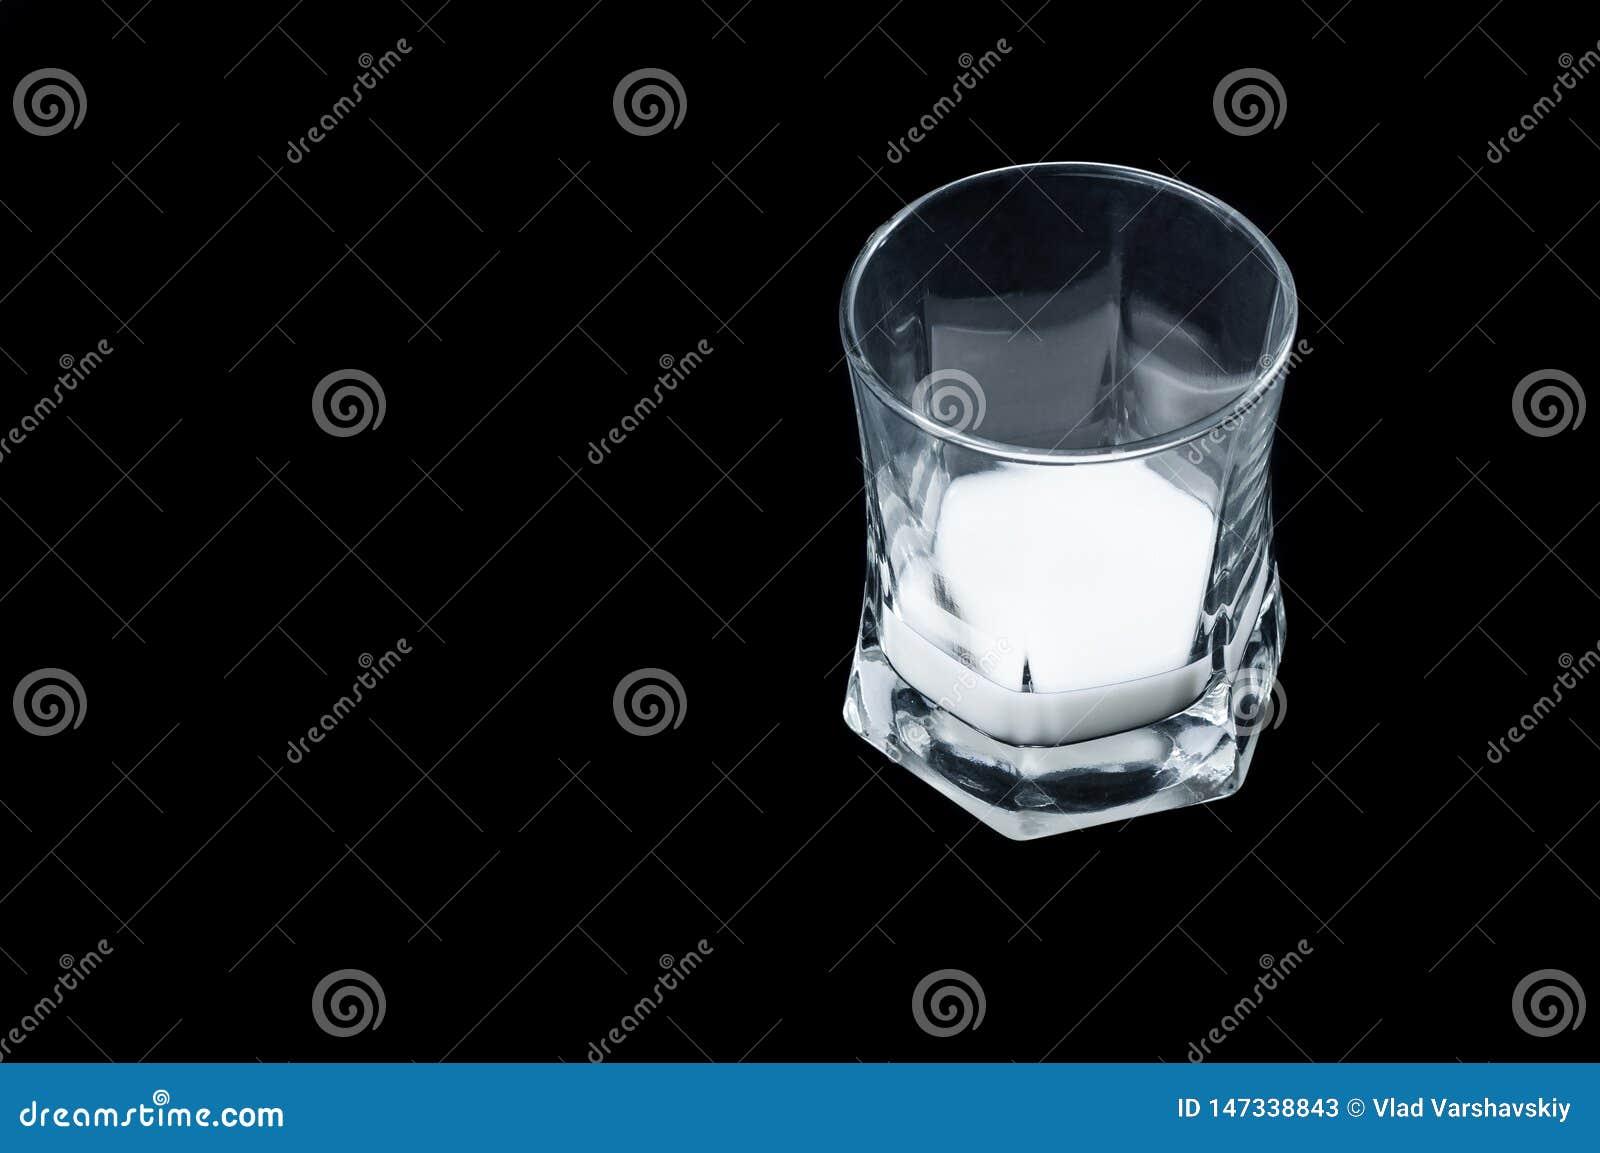 Leite branco em uma opinião lateral do vidro de vidro transparente em um fundo preto, isolado